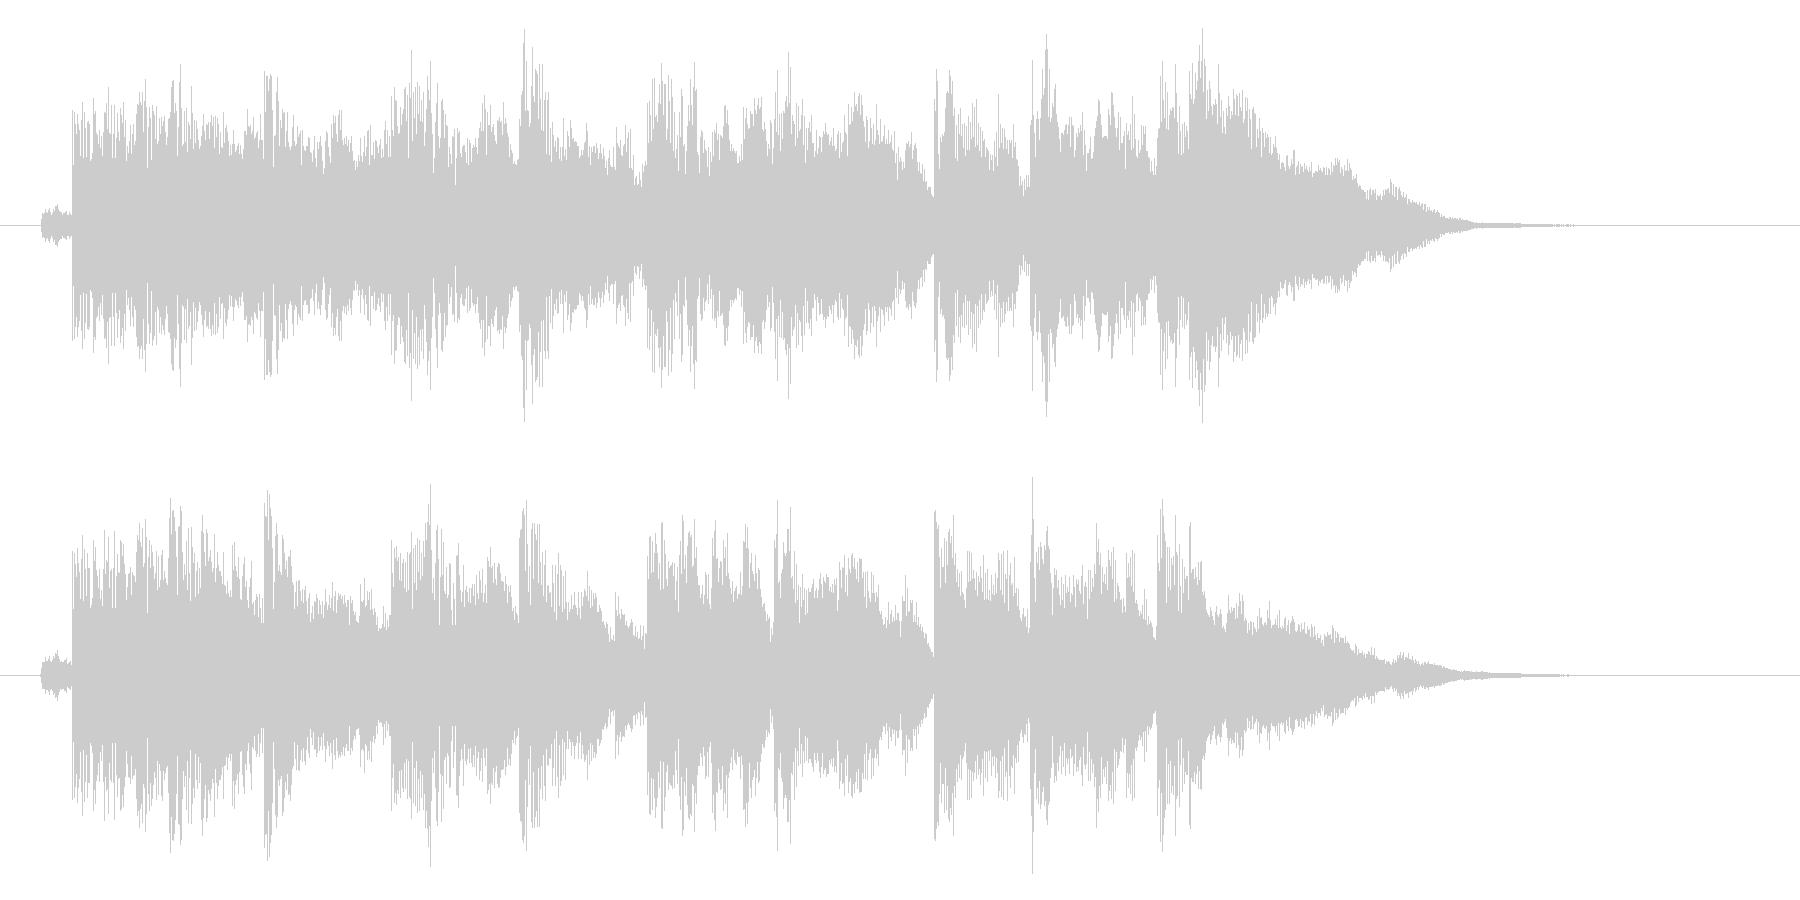 きらびやかなリラクゼーション音楽の未再生の波形